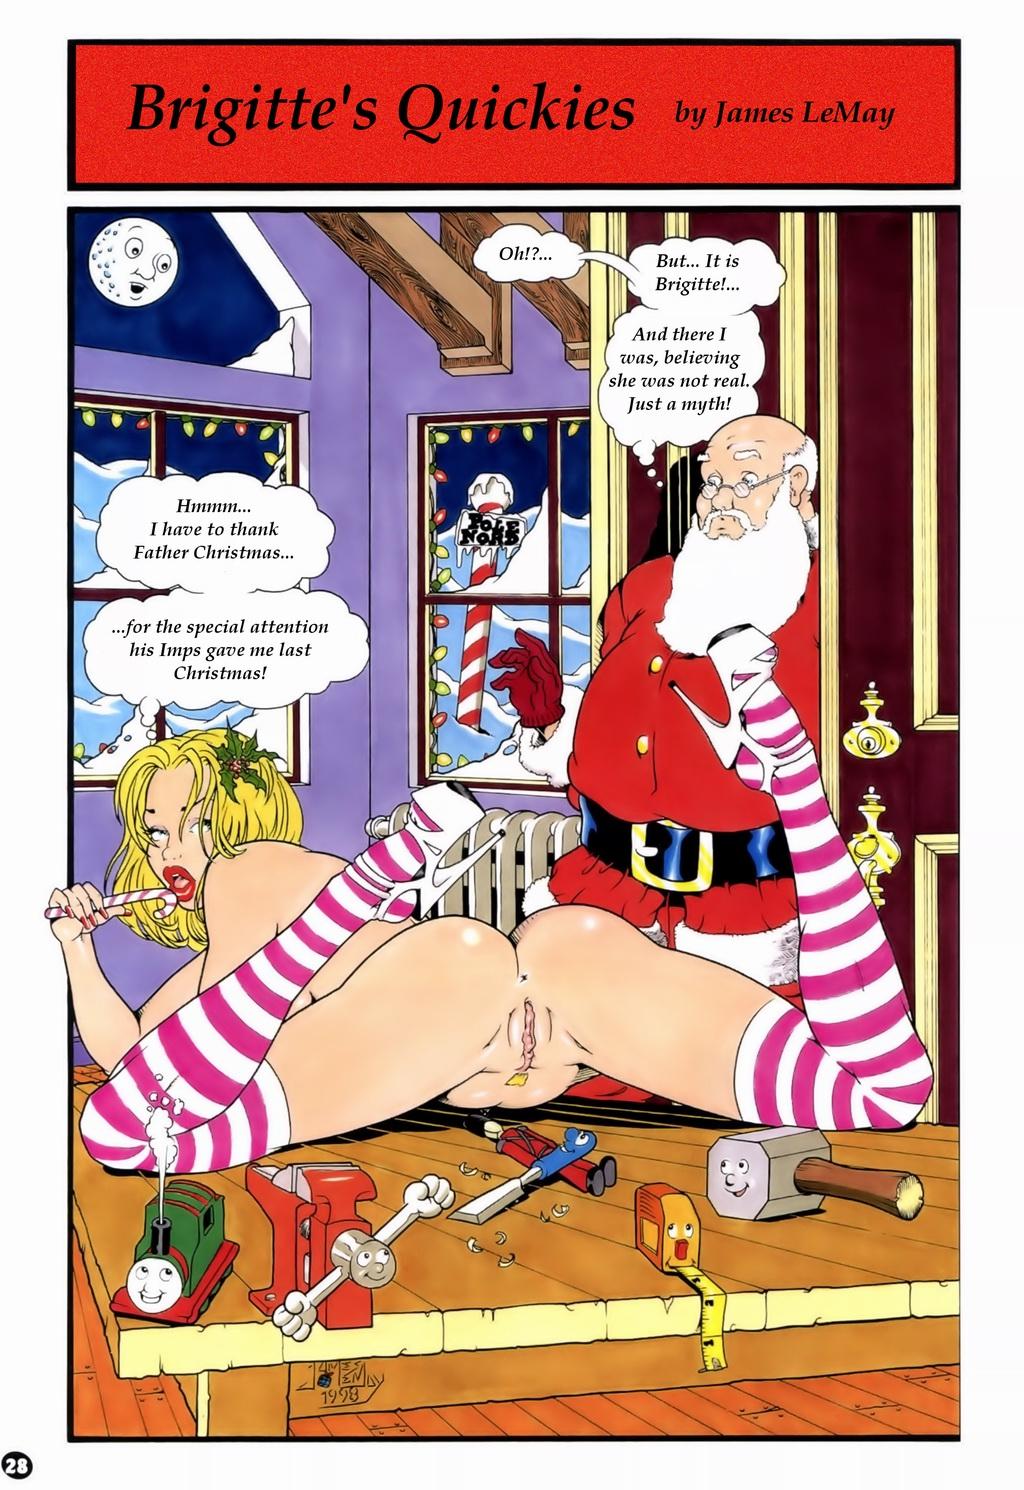 Porn Comics - Brigitte Quickies-interracial nymphomaniac porn comics 8 muses